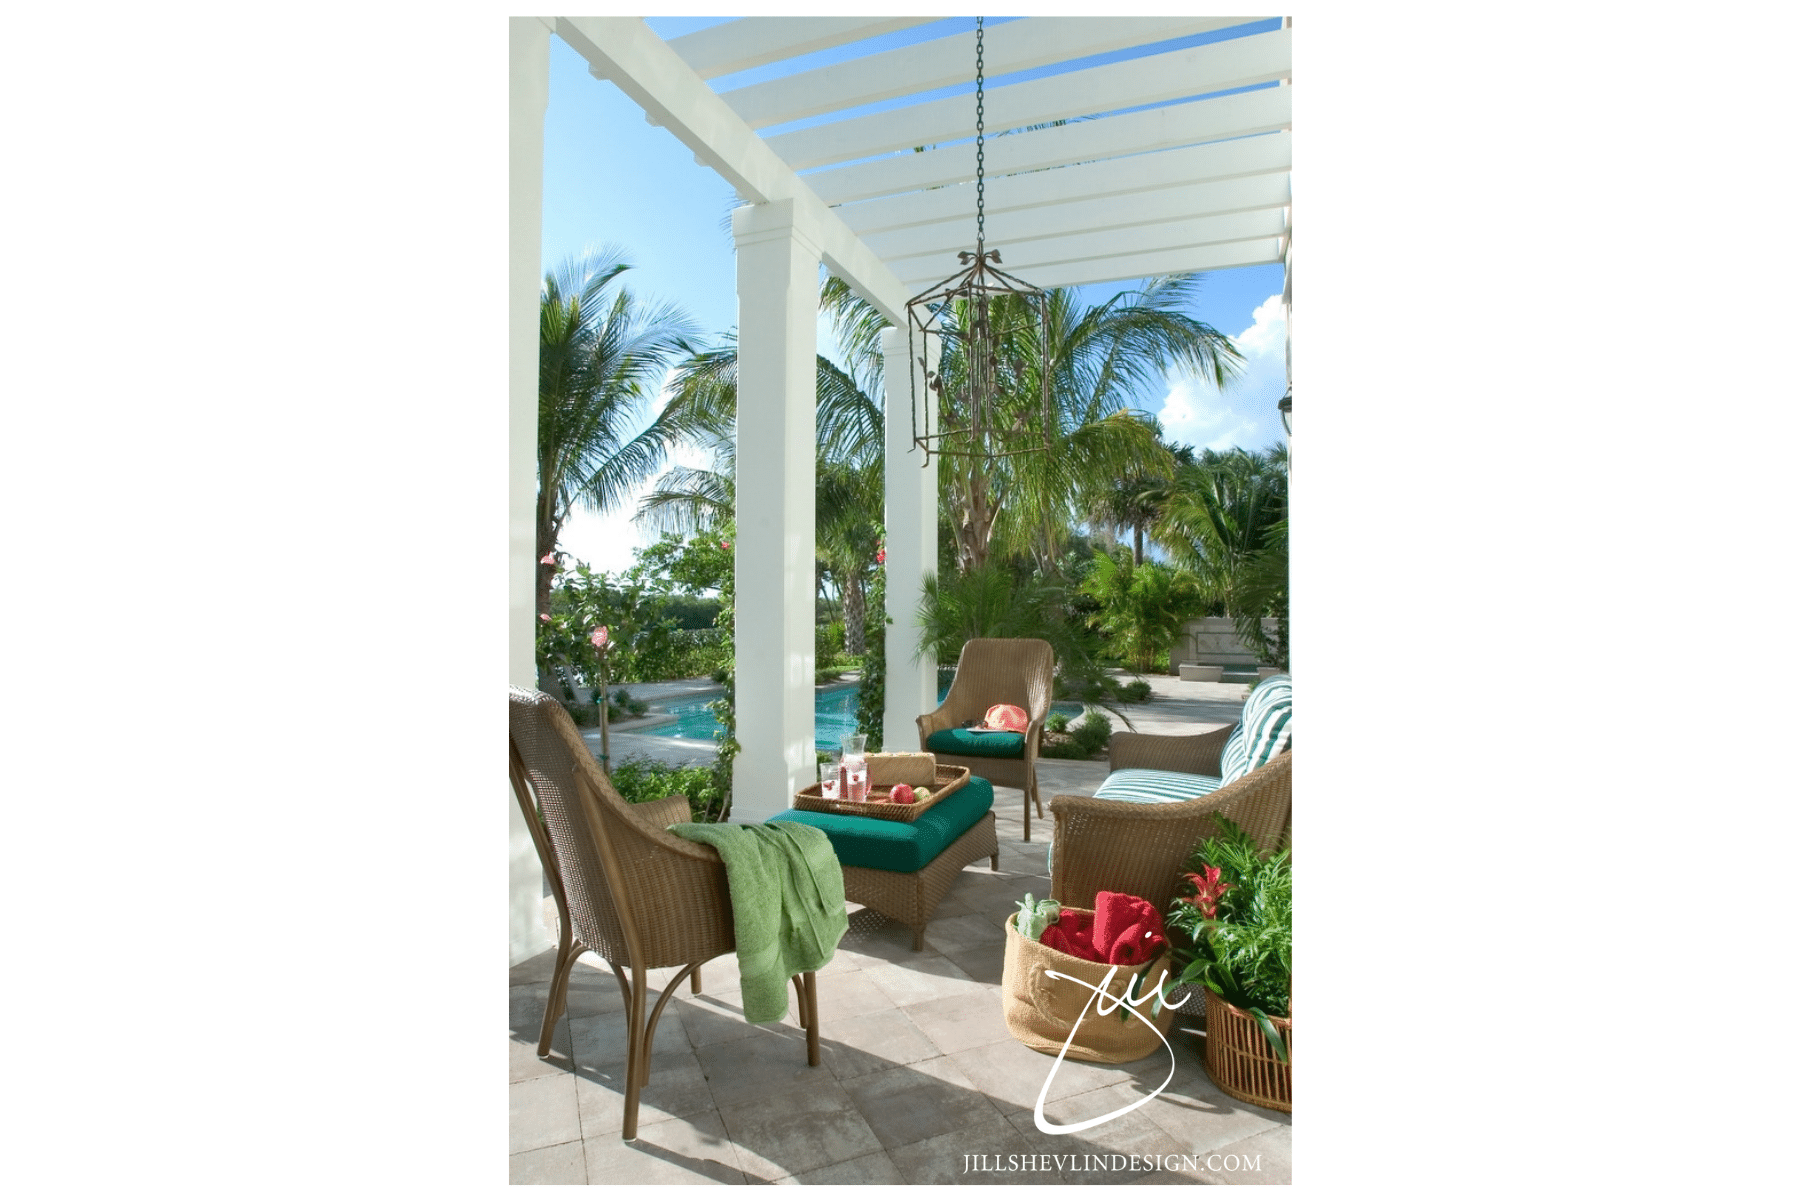 Jill Shevlin Design Vero Beach Interior Designer Creates a casual outdoor seating area pool side under a gazebo in a Vero Beach Home, Vero Beach Interior Designer